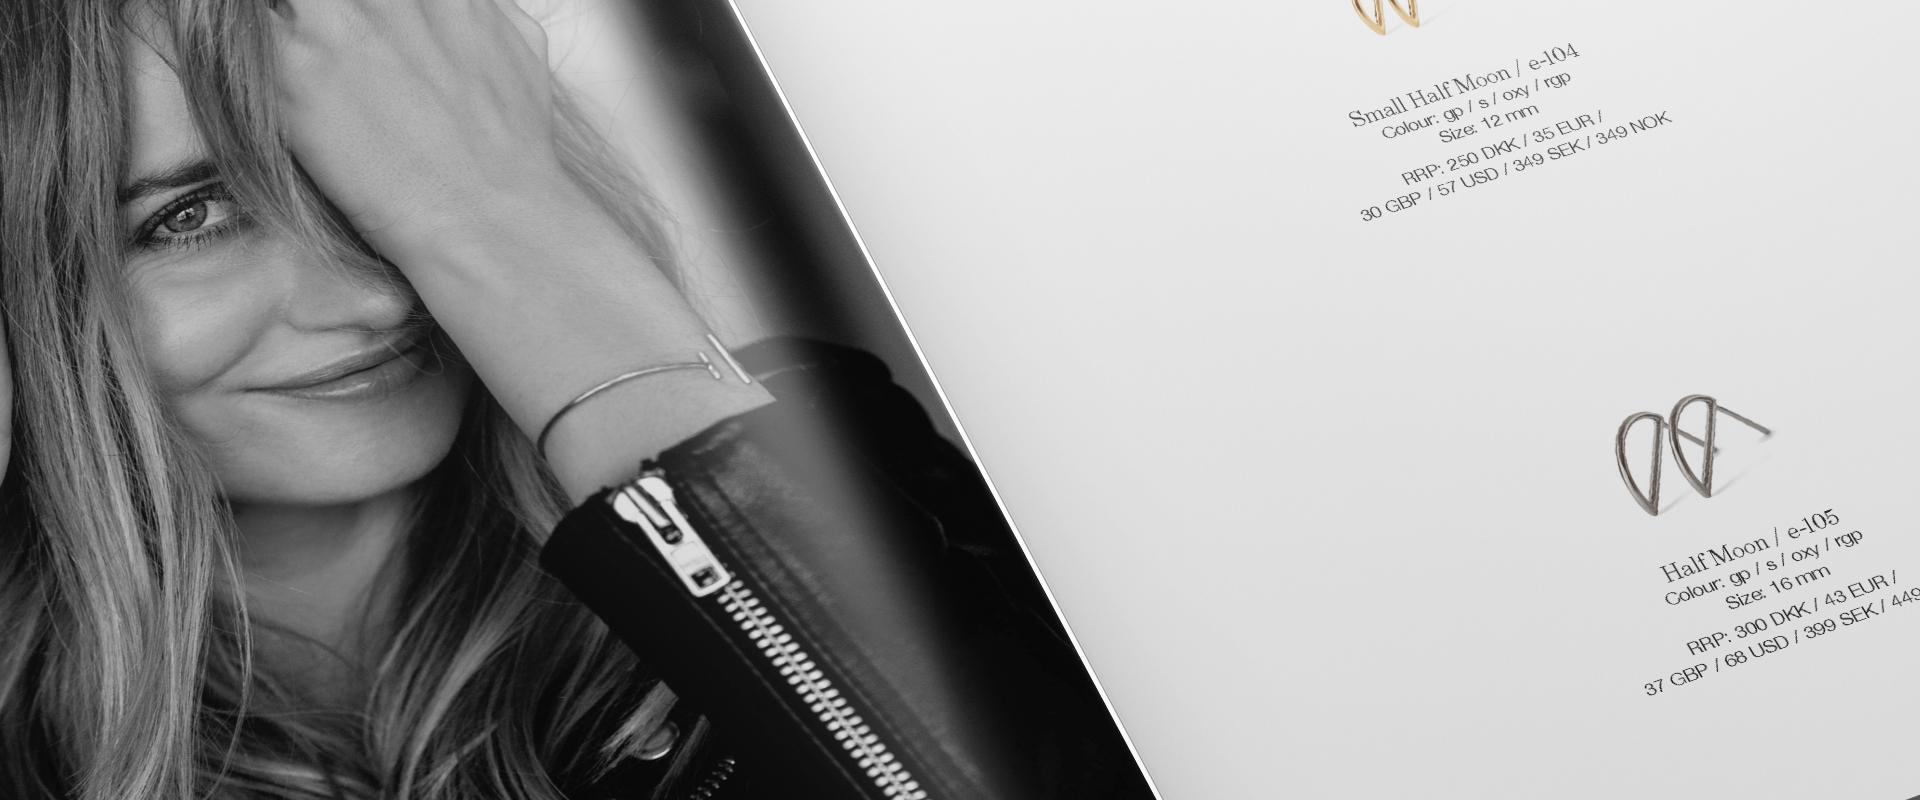 Pernille-Corydon-konceptudvikling_03